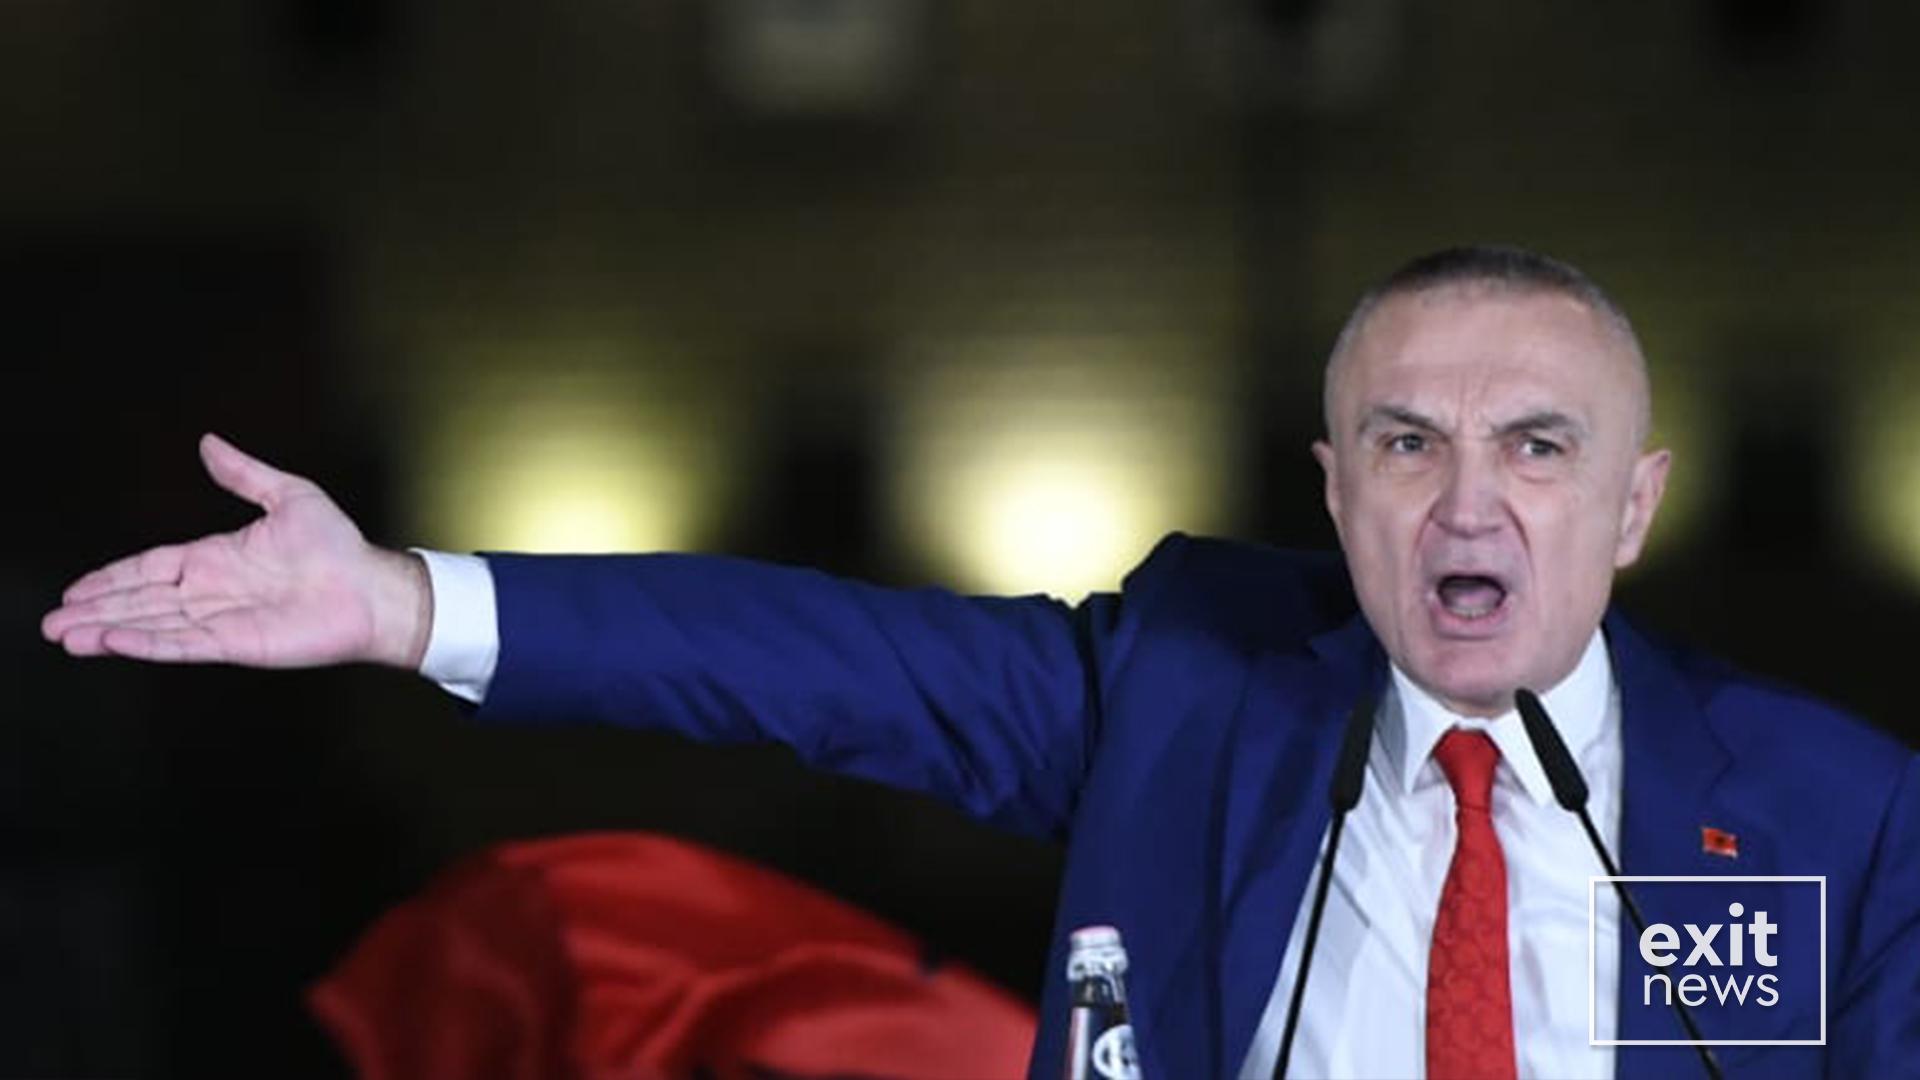 Meta kërcënon mazhorancën me shpërndarje të parlamentit